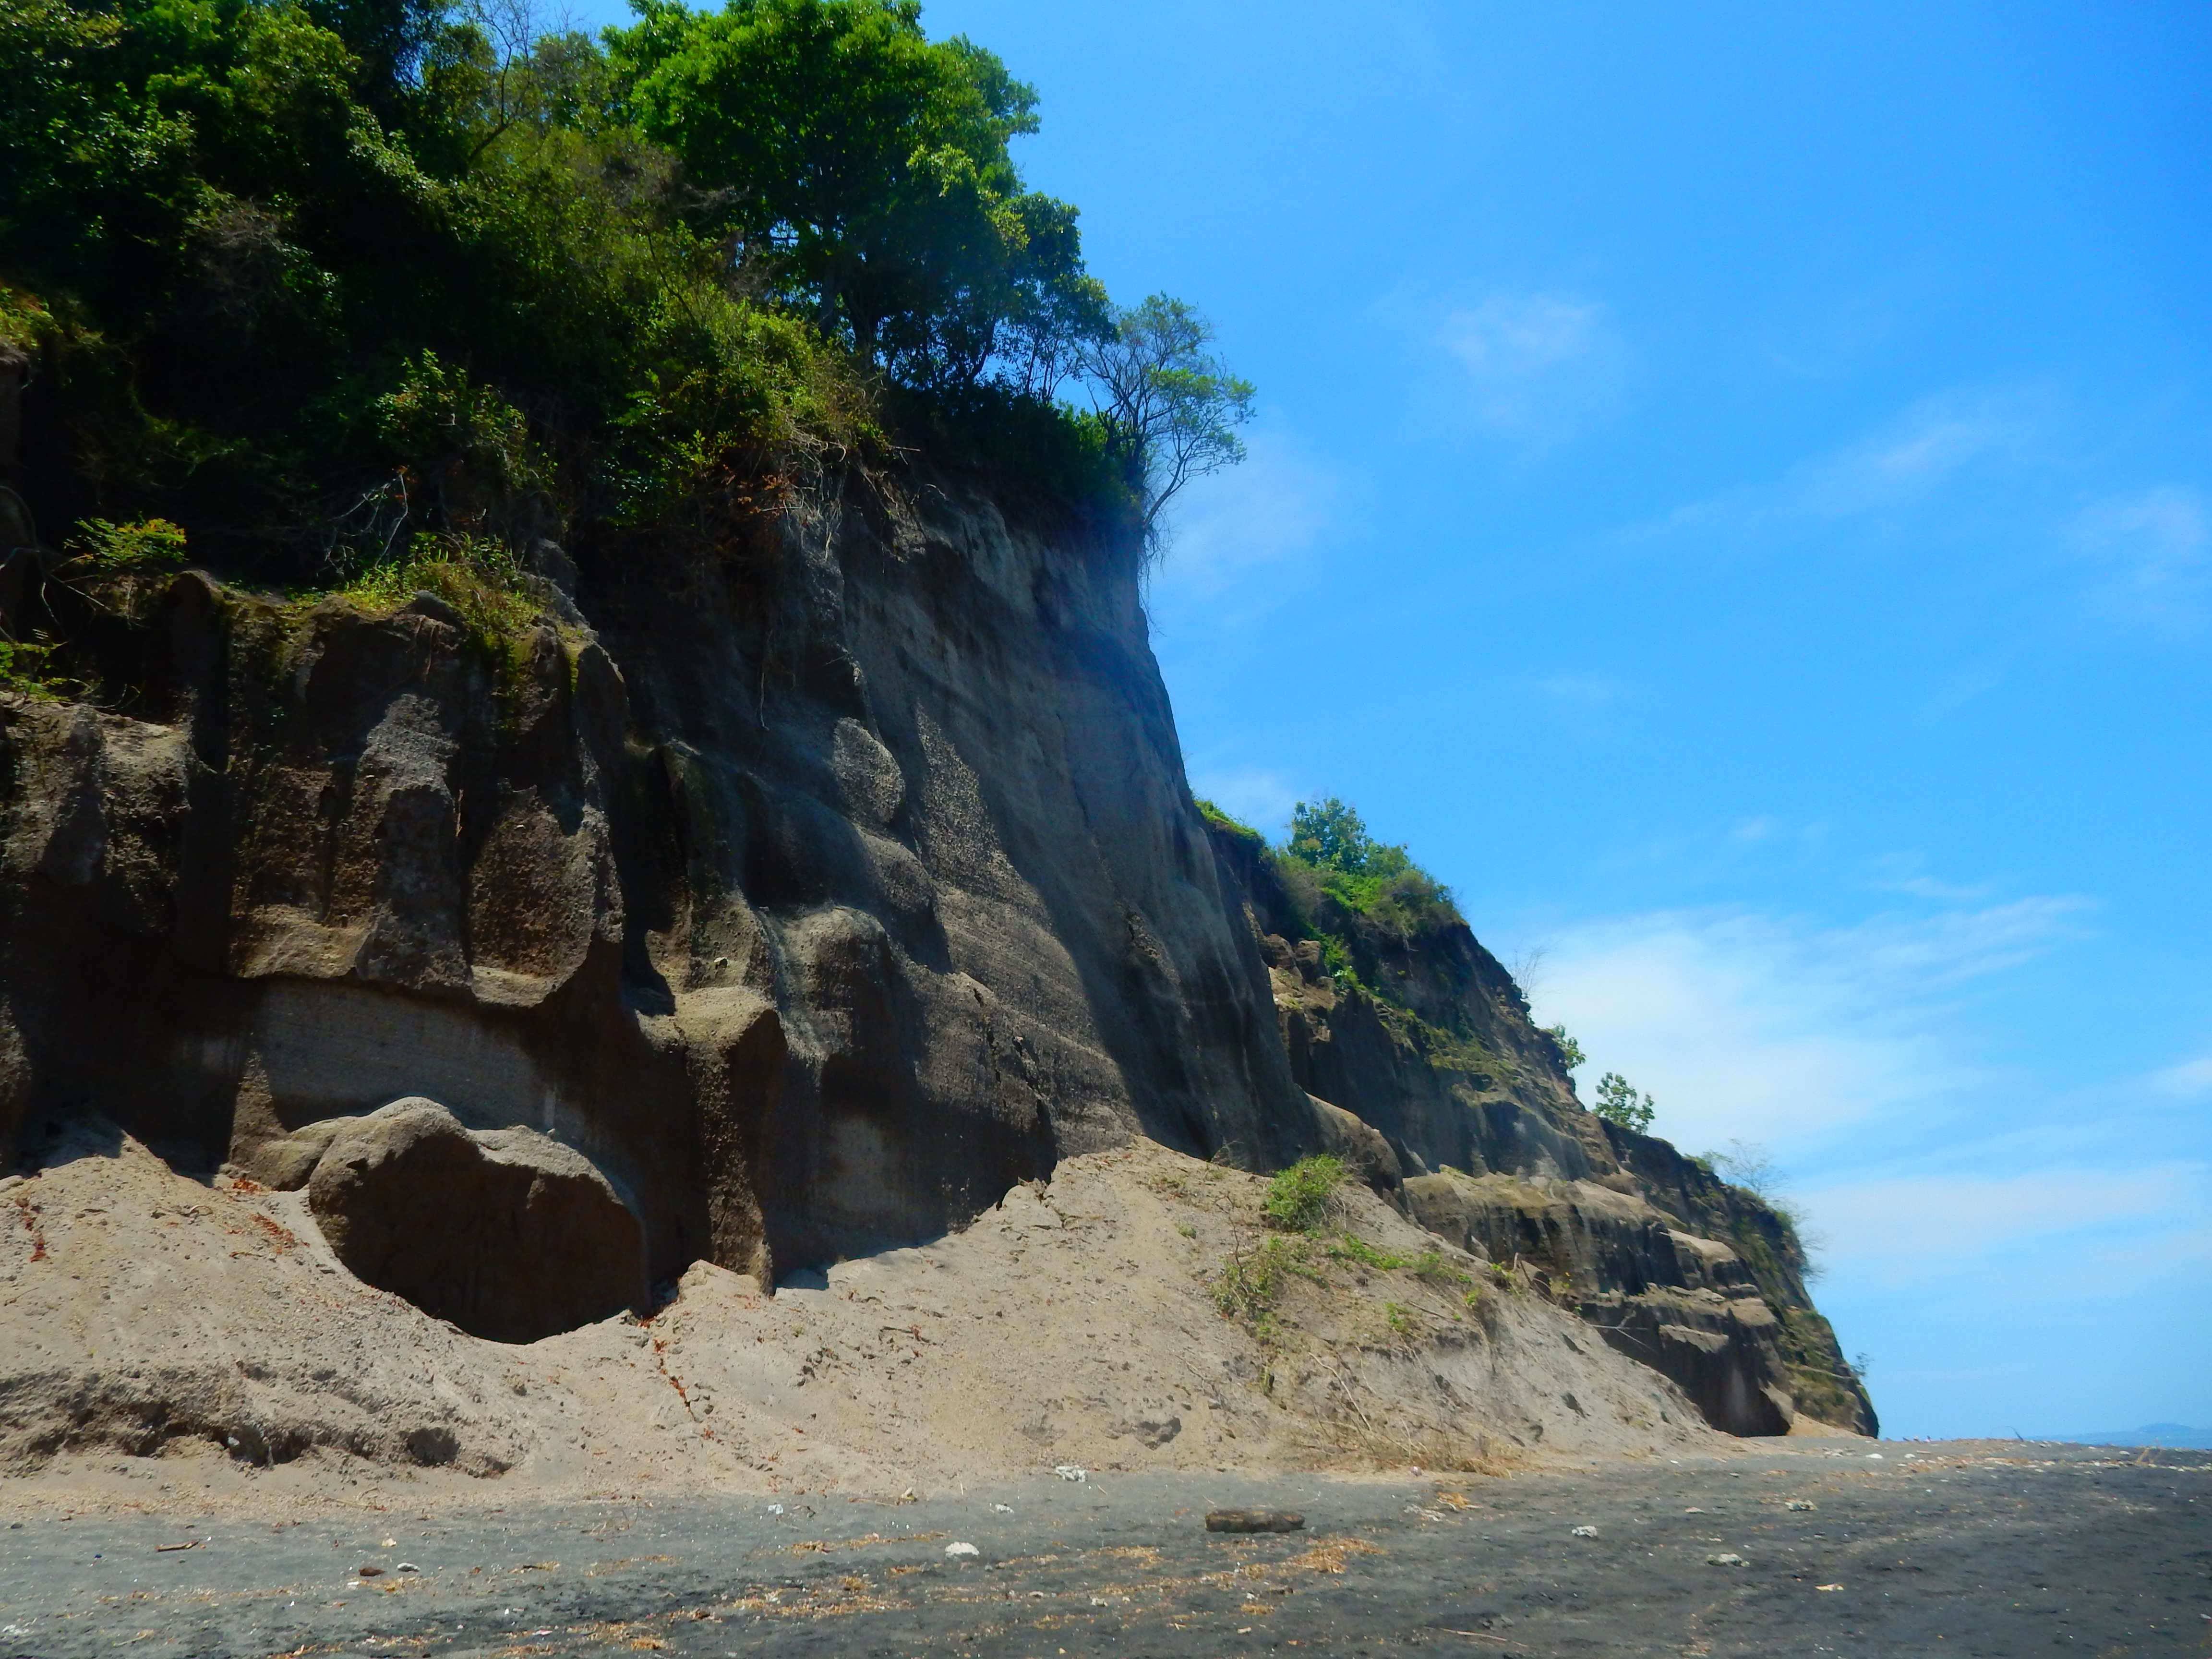 Plage de sable noir, falaises de Pantaî, Lombok, Indonésie.